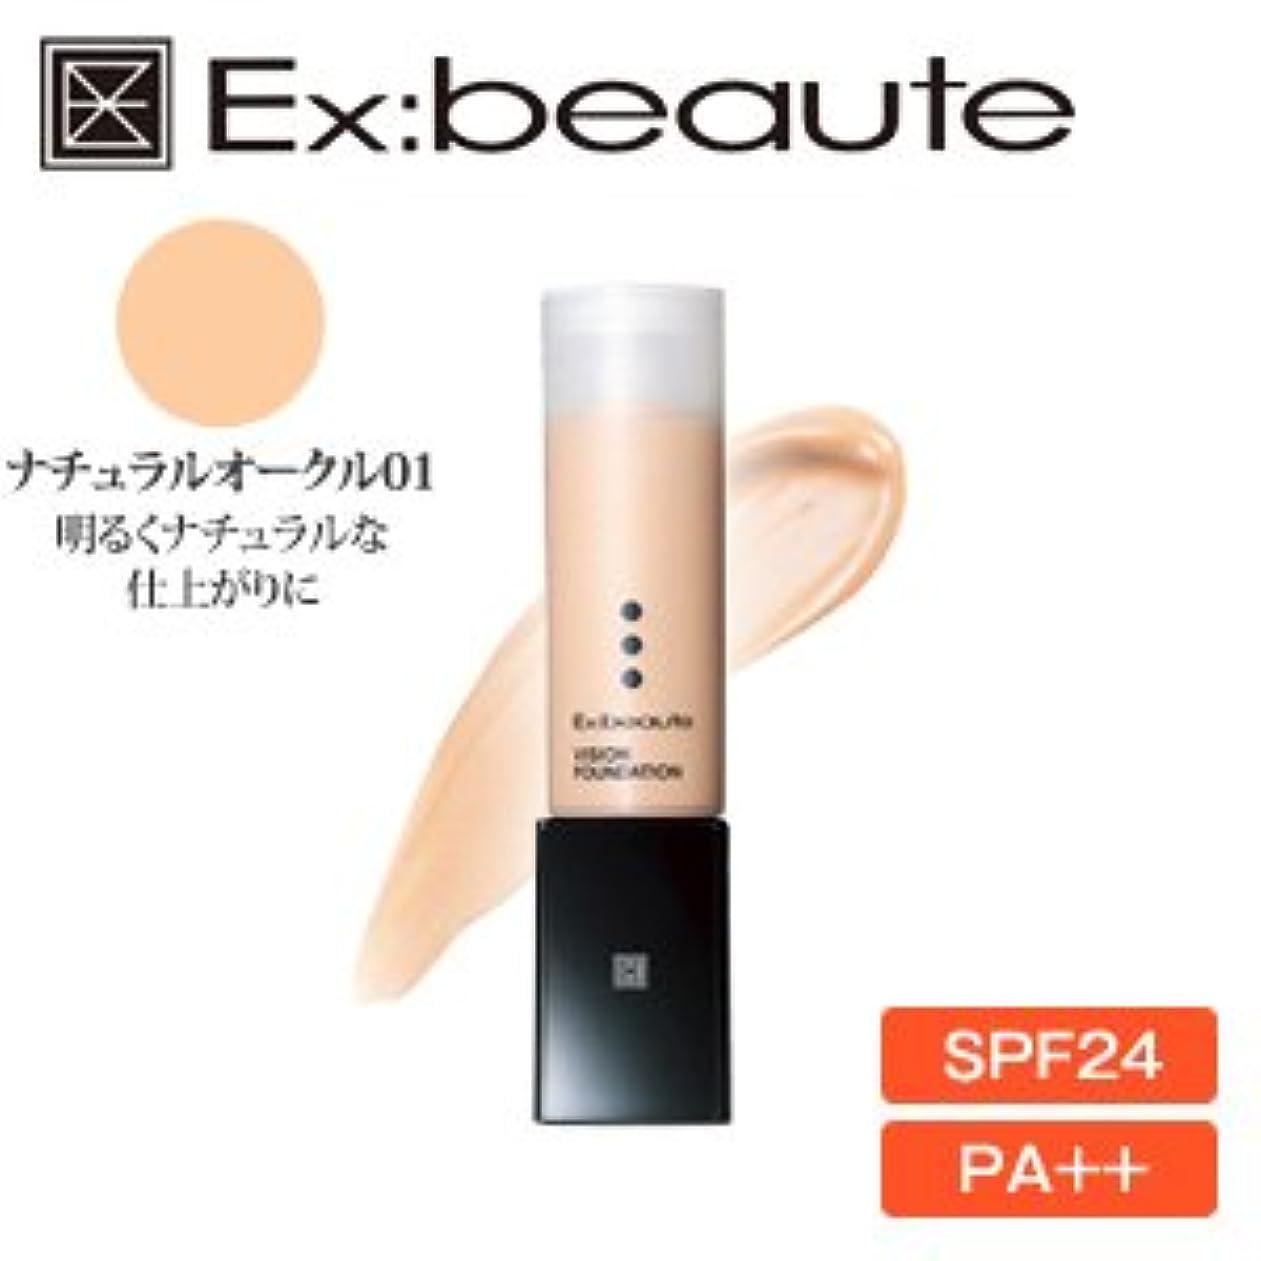 呼吸するなかなか文房具Ex:beaute (エクスボーテ) ビジョンファンデーション リキッドモイストタイプ ナチュラルオークル01